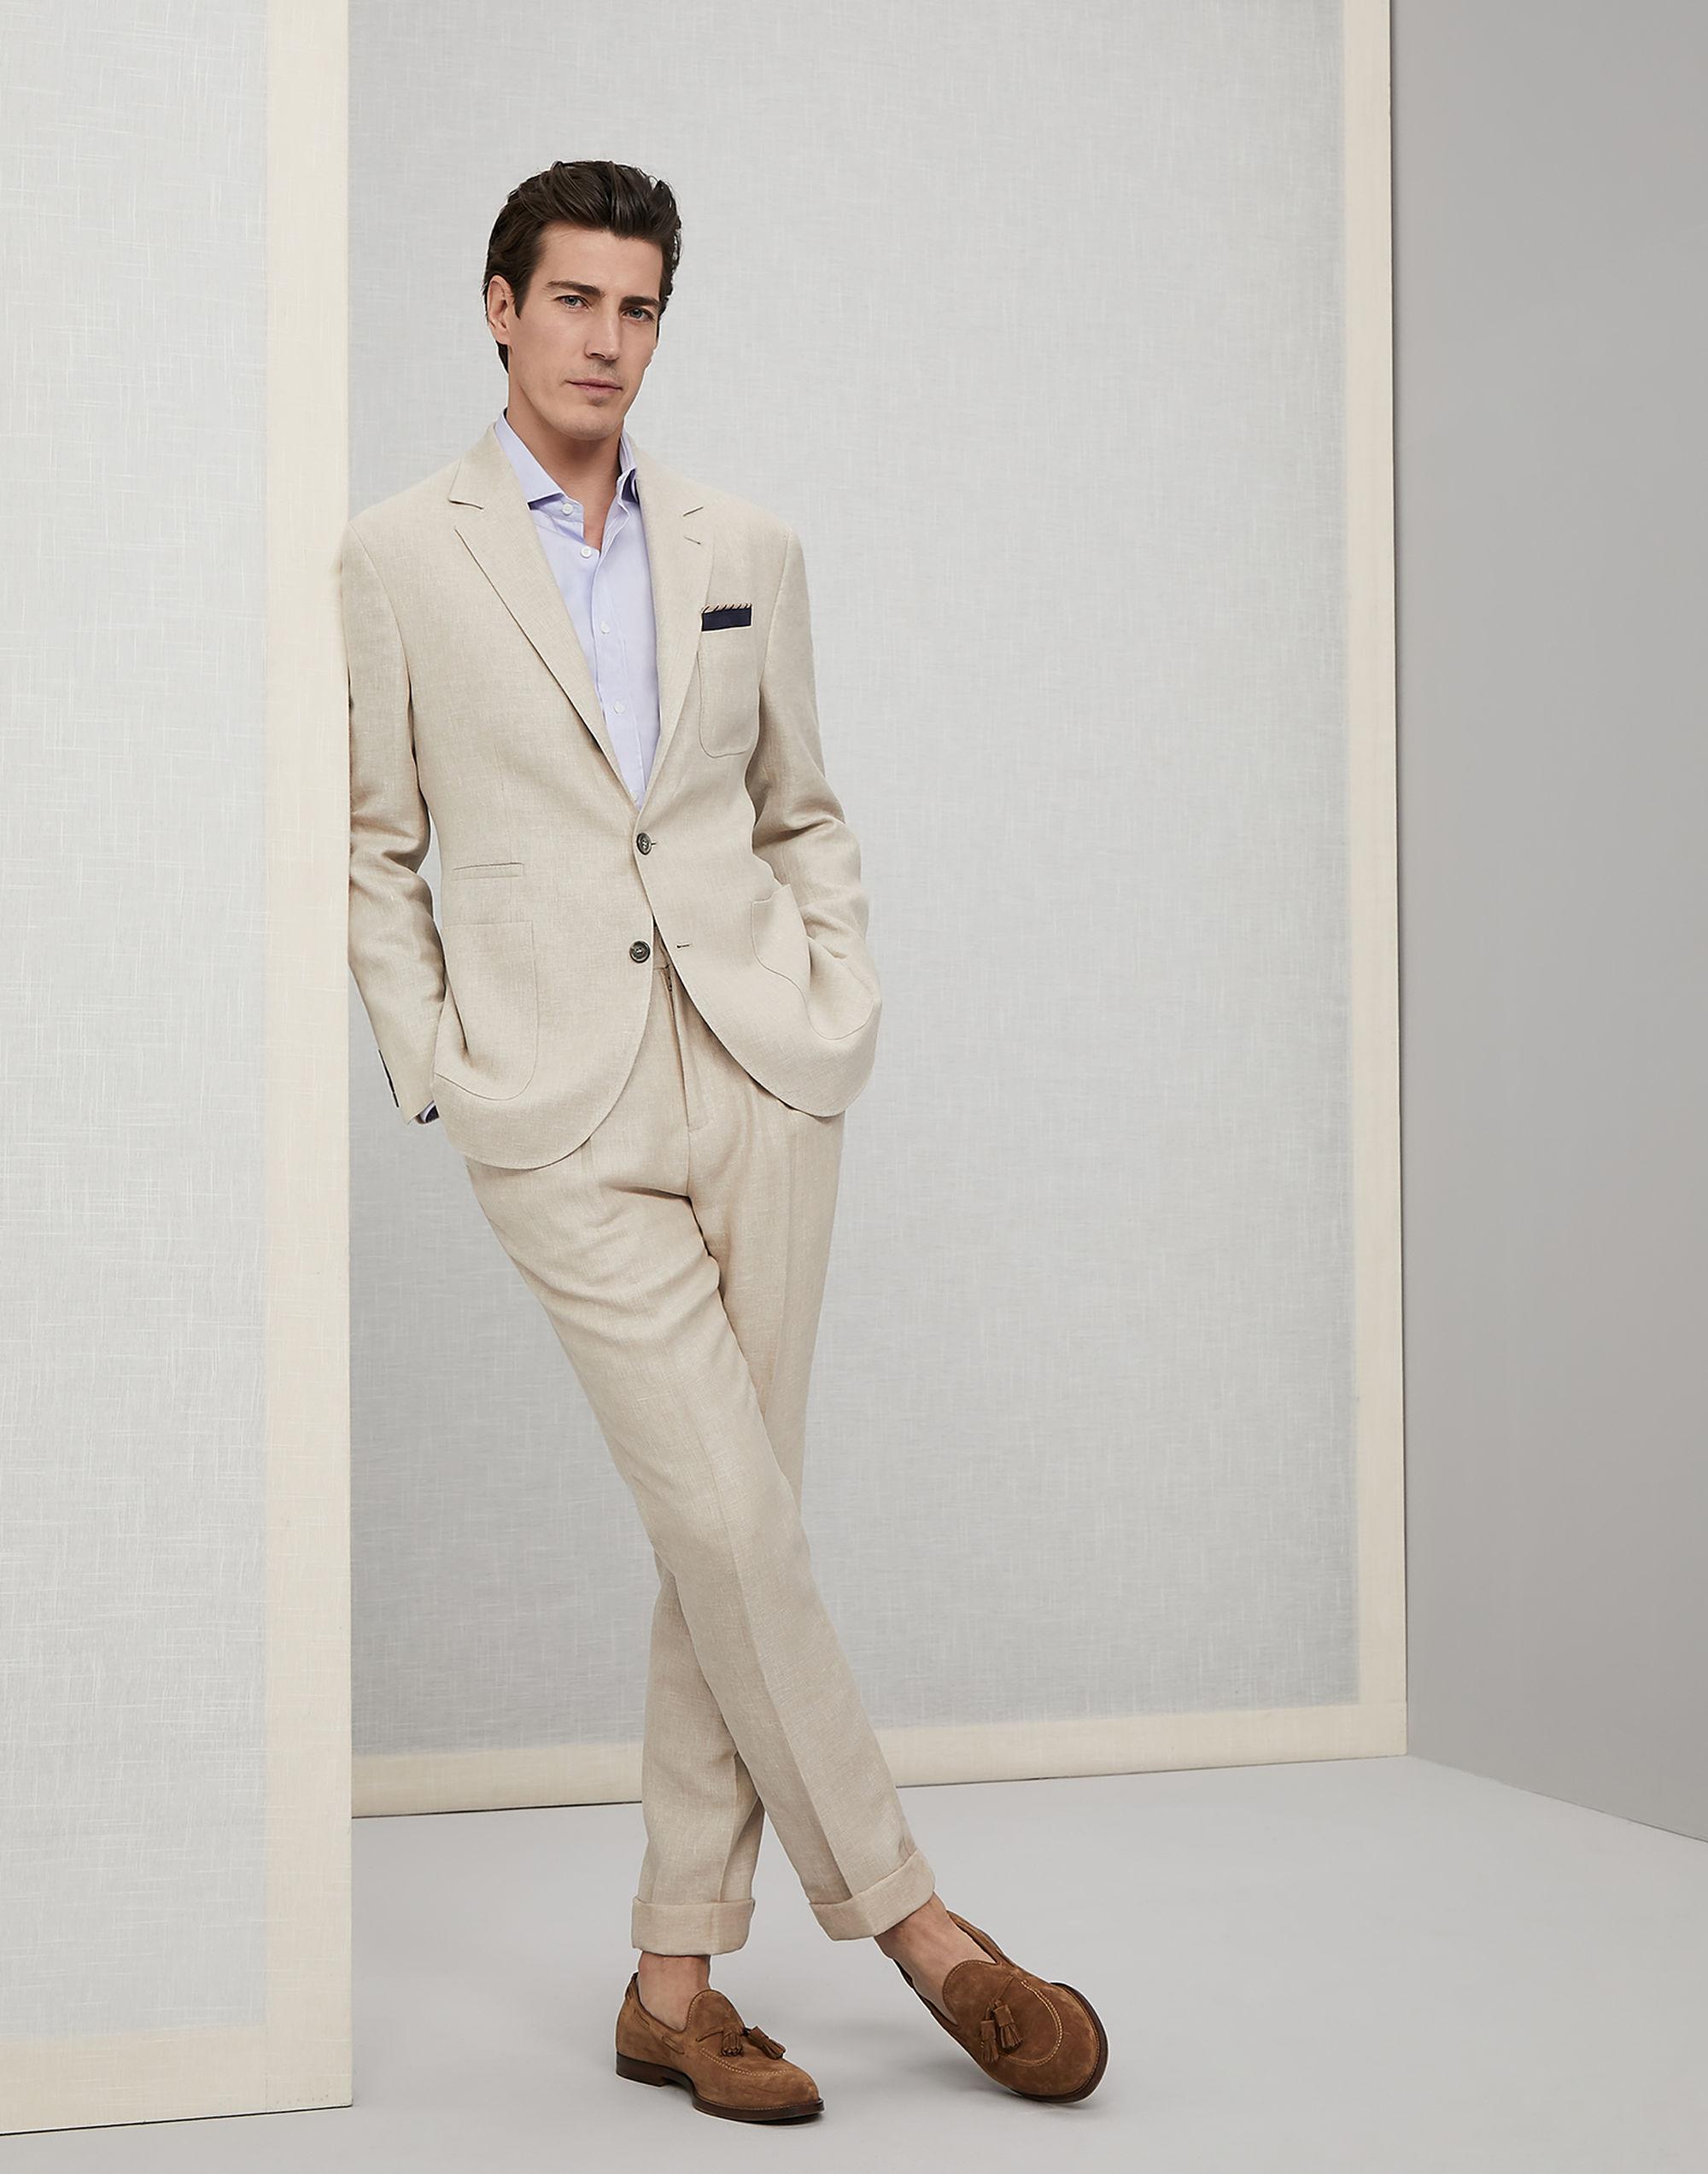 Vestito Matrimonio Uomo Azzurro : Abiti da cerimonia uomo i vestiti più eleganti per lui my